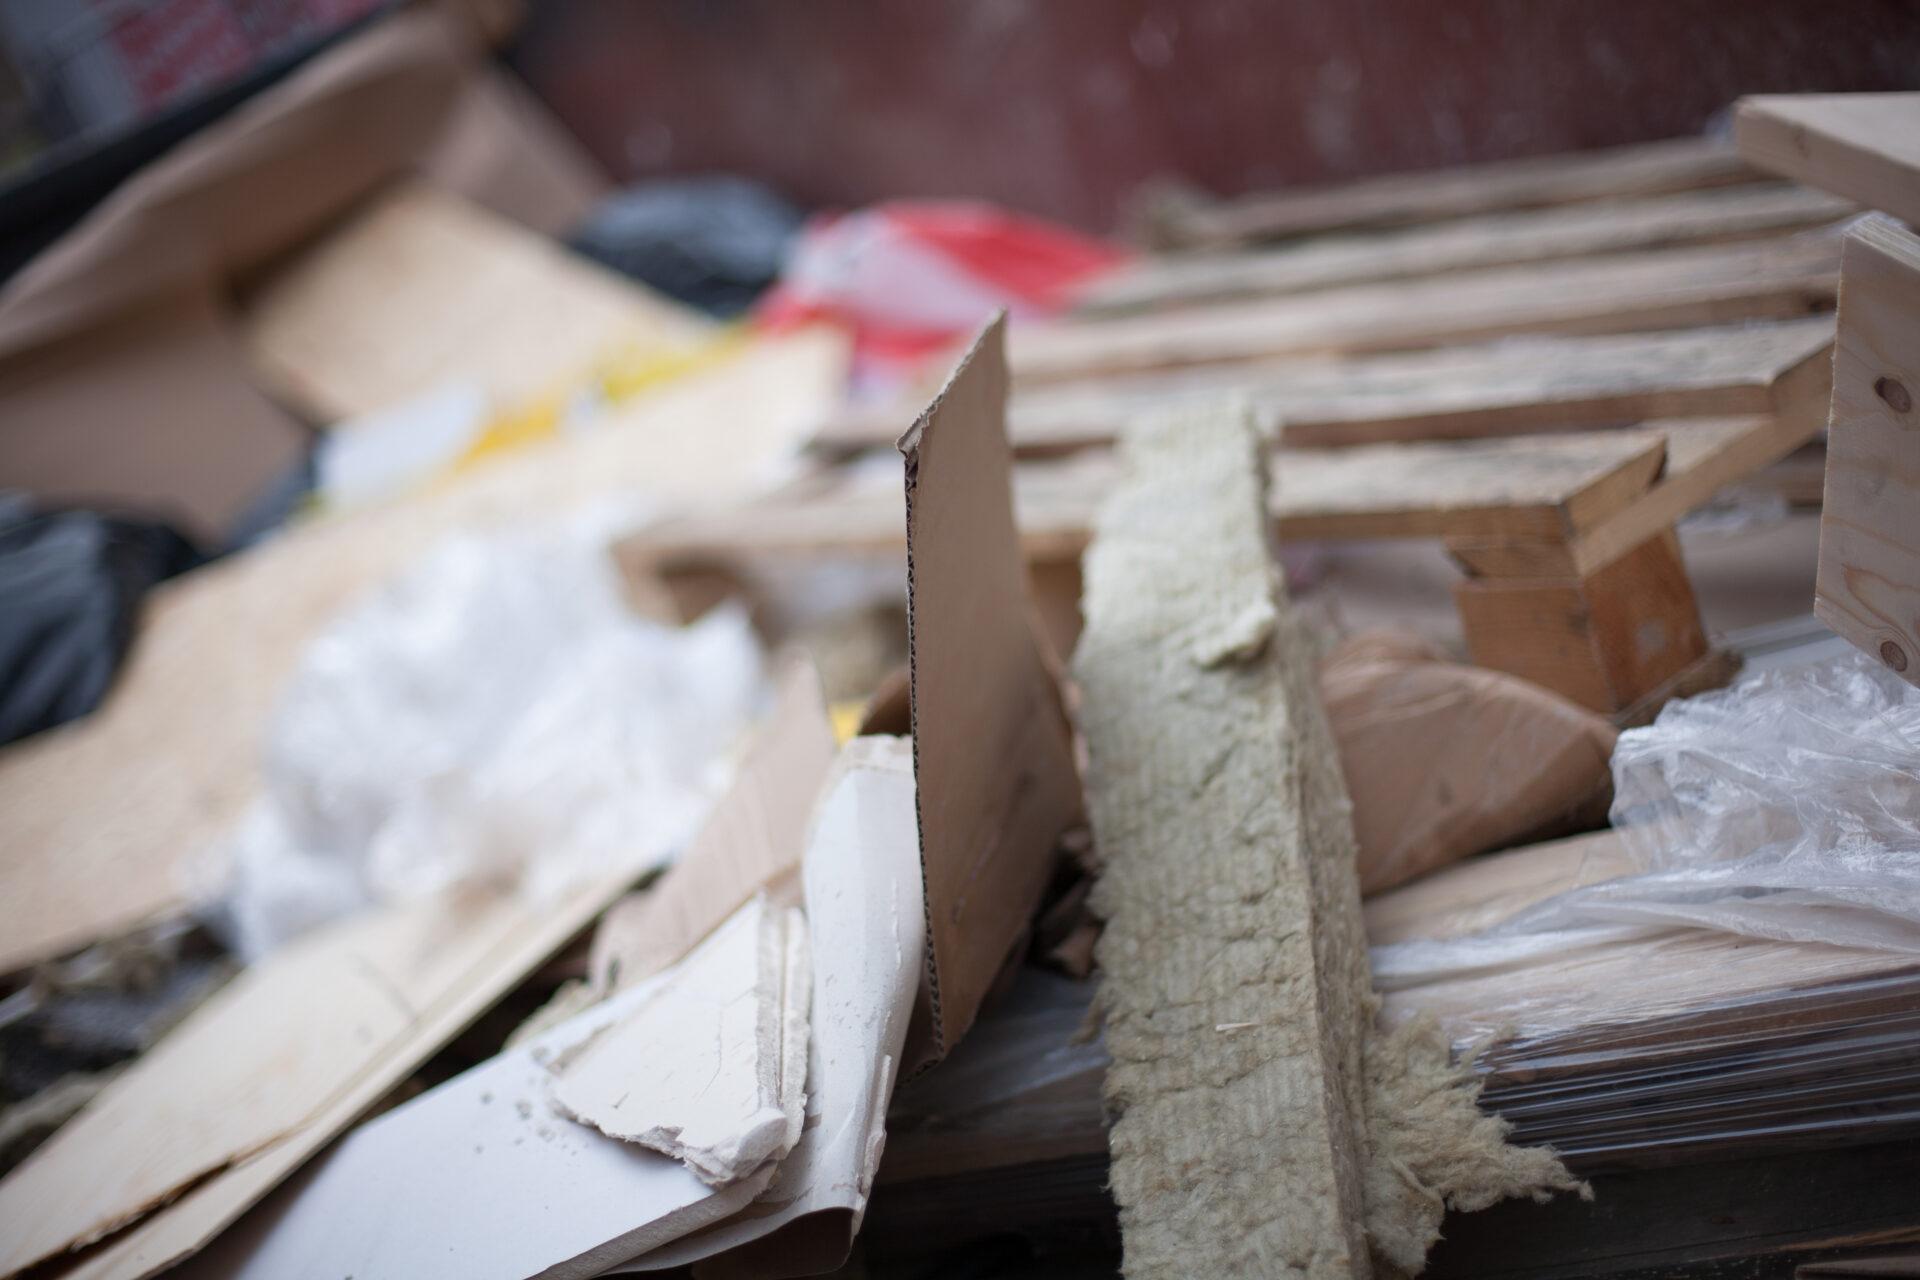 Avfall och skräp. Renall hjälper dig och ditt företag genom att hämta och lämnar ditt avfall och lämnar till godkända behandlingsanläggningar.